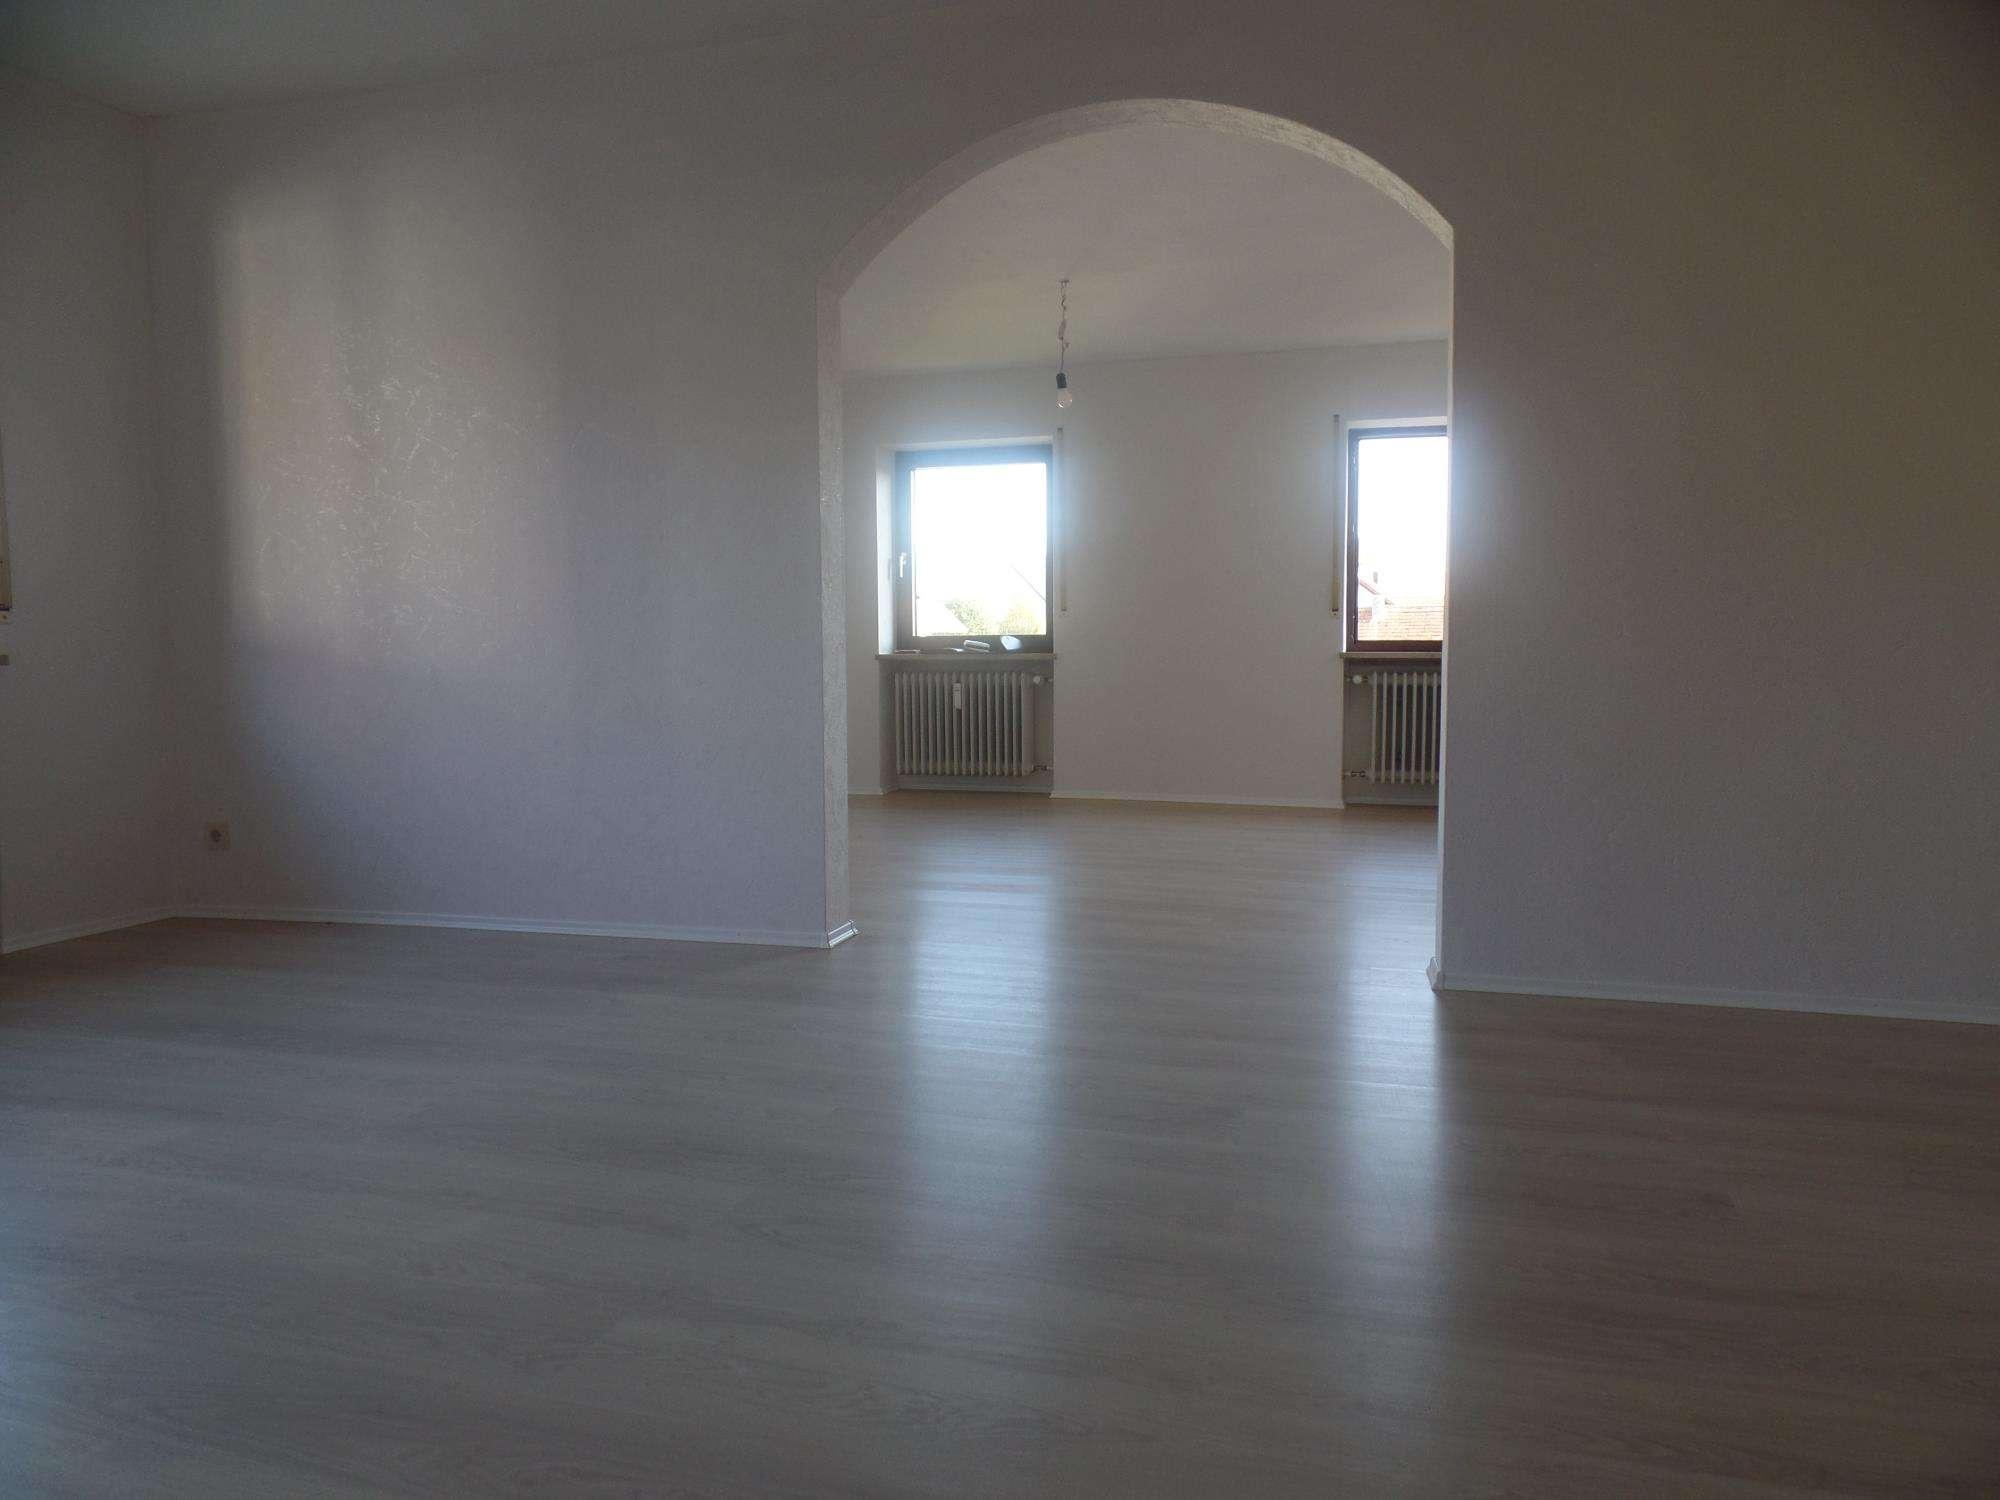 Großzügige 3,5-Zimmer-Wohnung in Aurachtal in Aurachtal